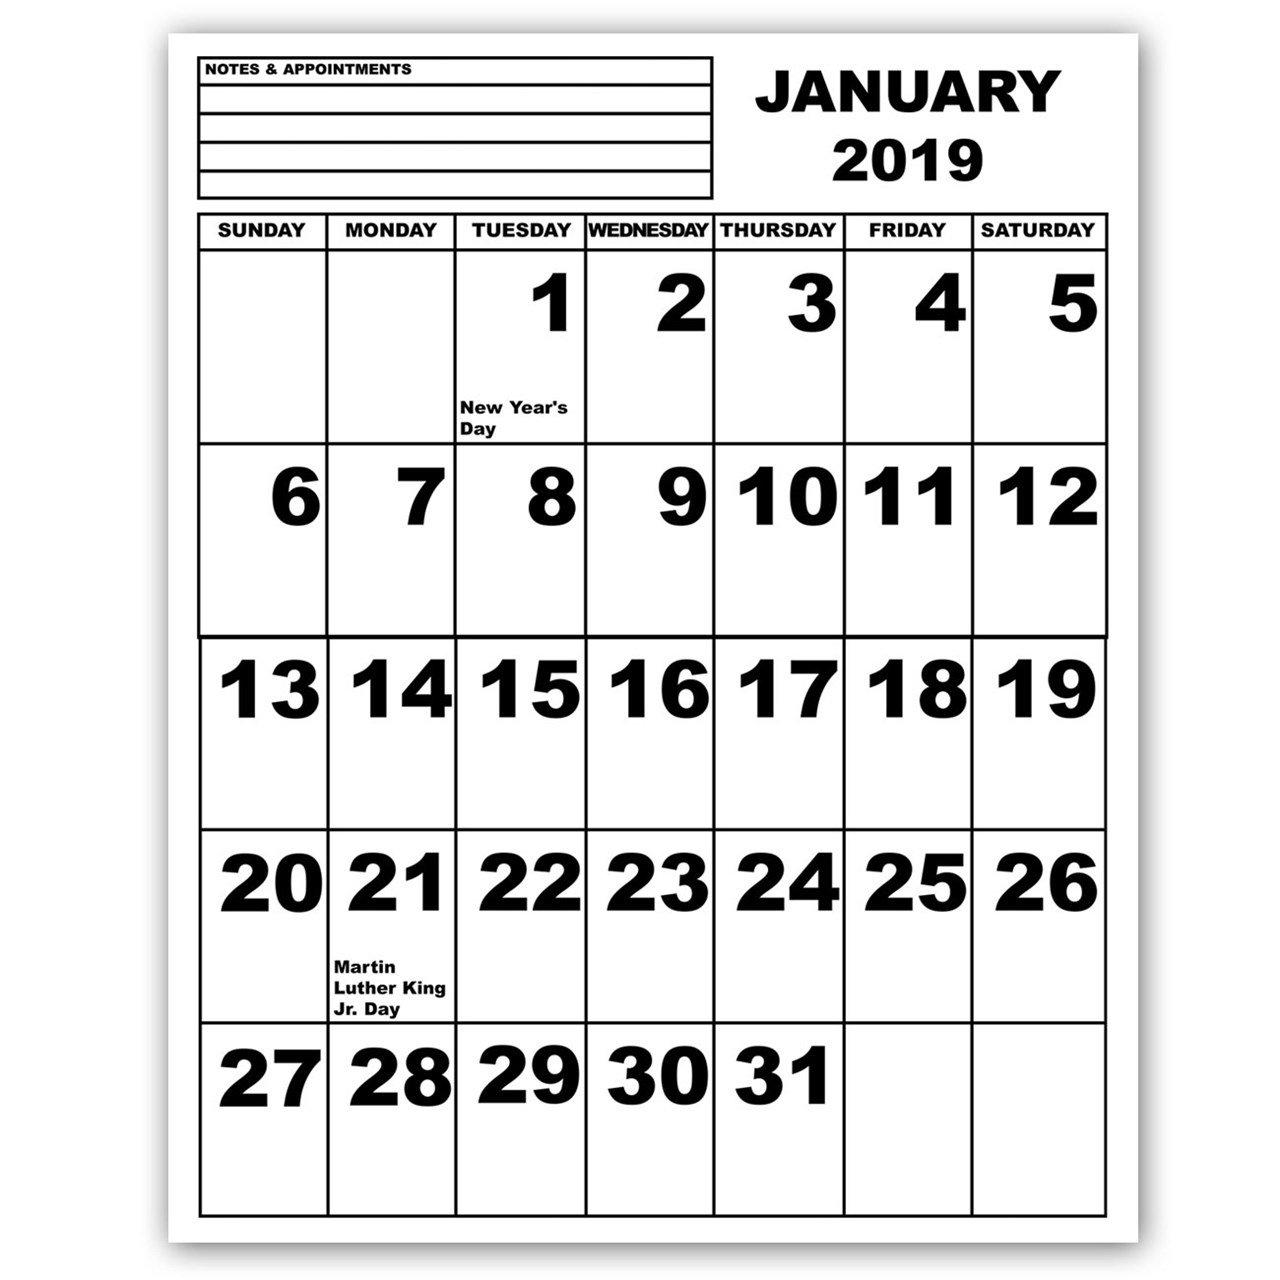 Maxiaids   Jumbo Print Calendar – 2019 Calendar 2019 Images